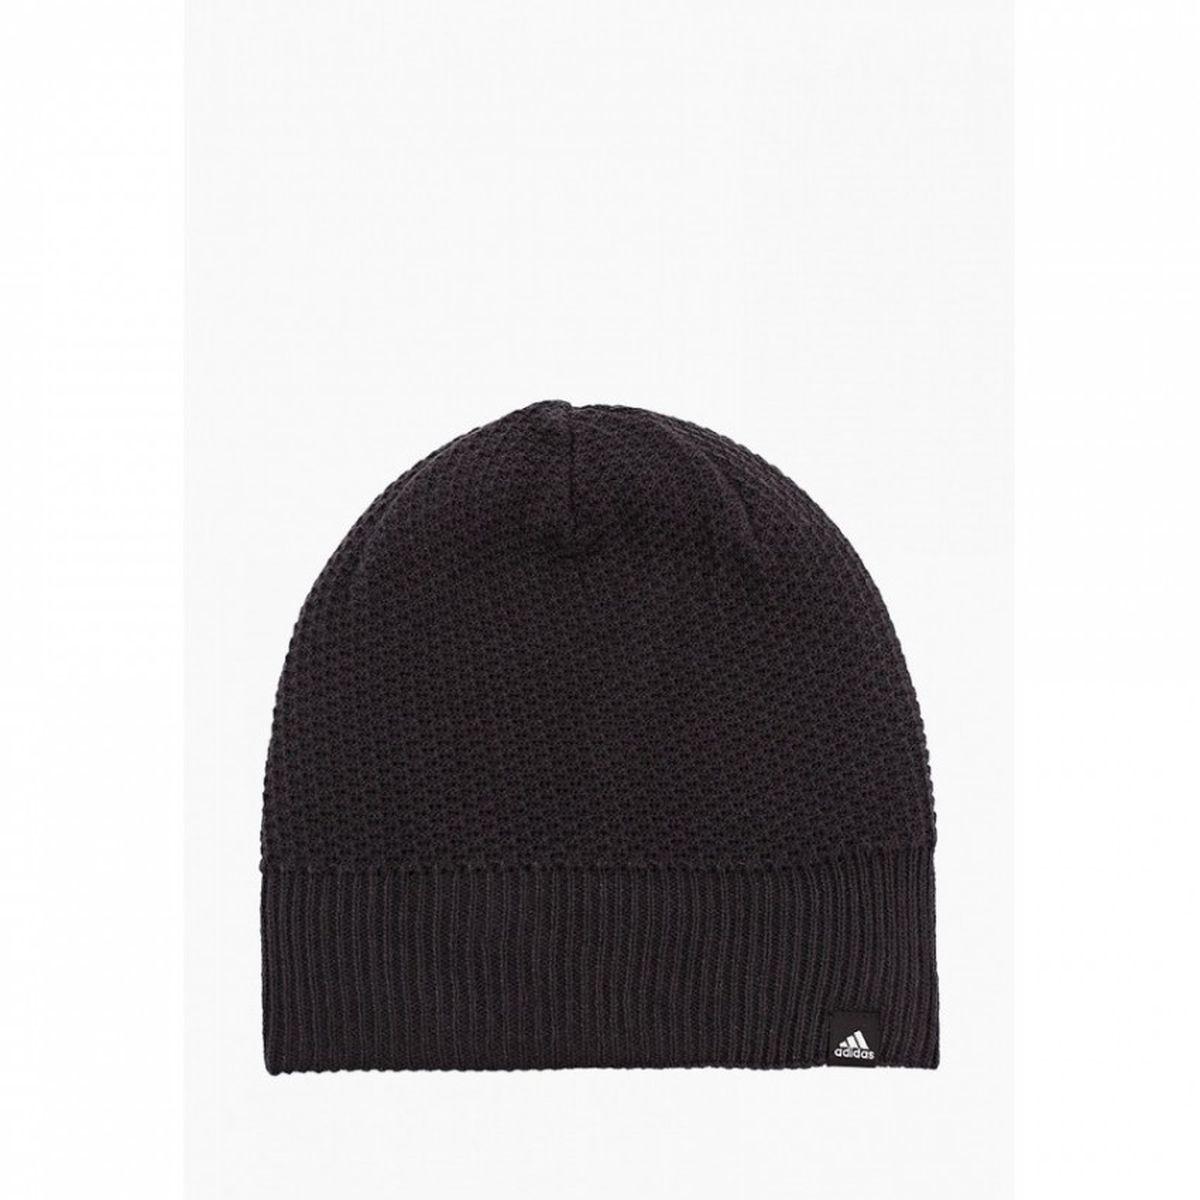 Фото - Шапка adidas Beanie Women шапка мужская adidas tiro beanie цвет черный bq1662 размер 58 60